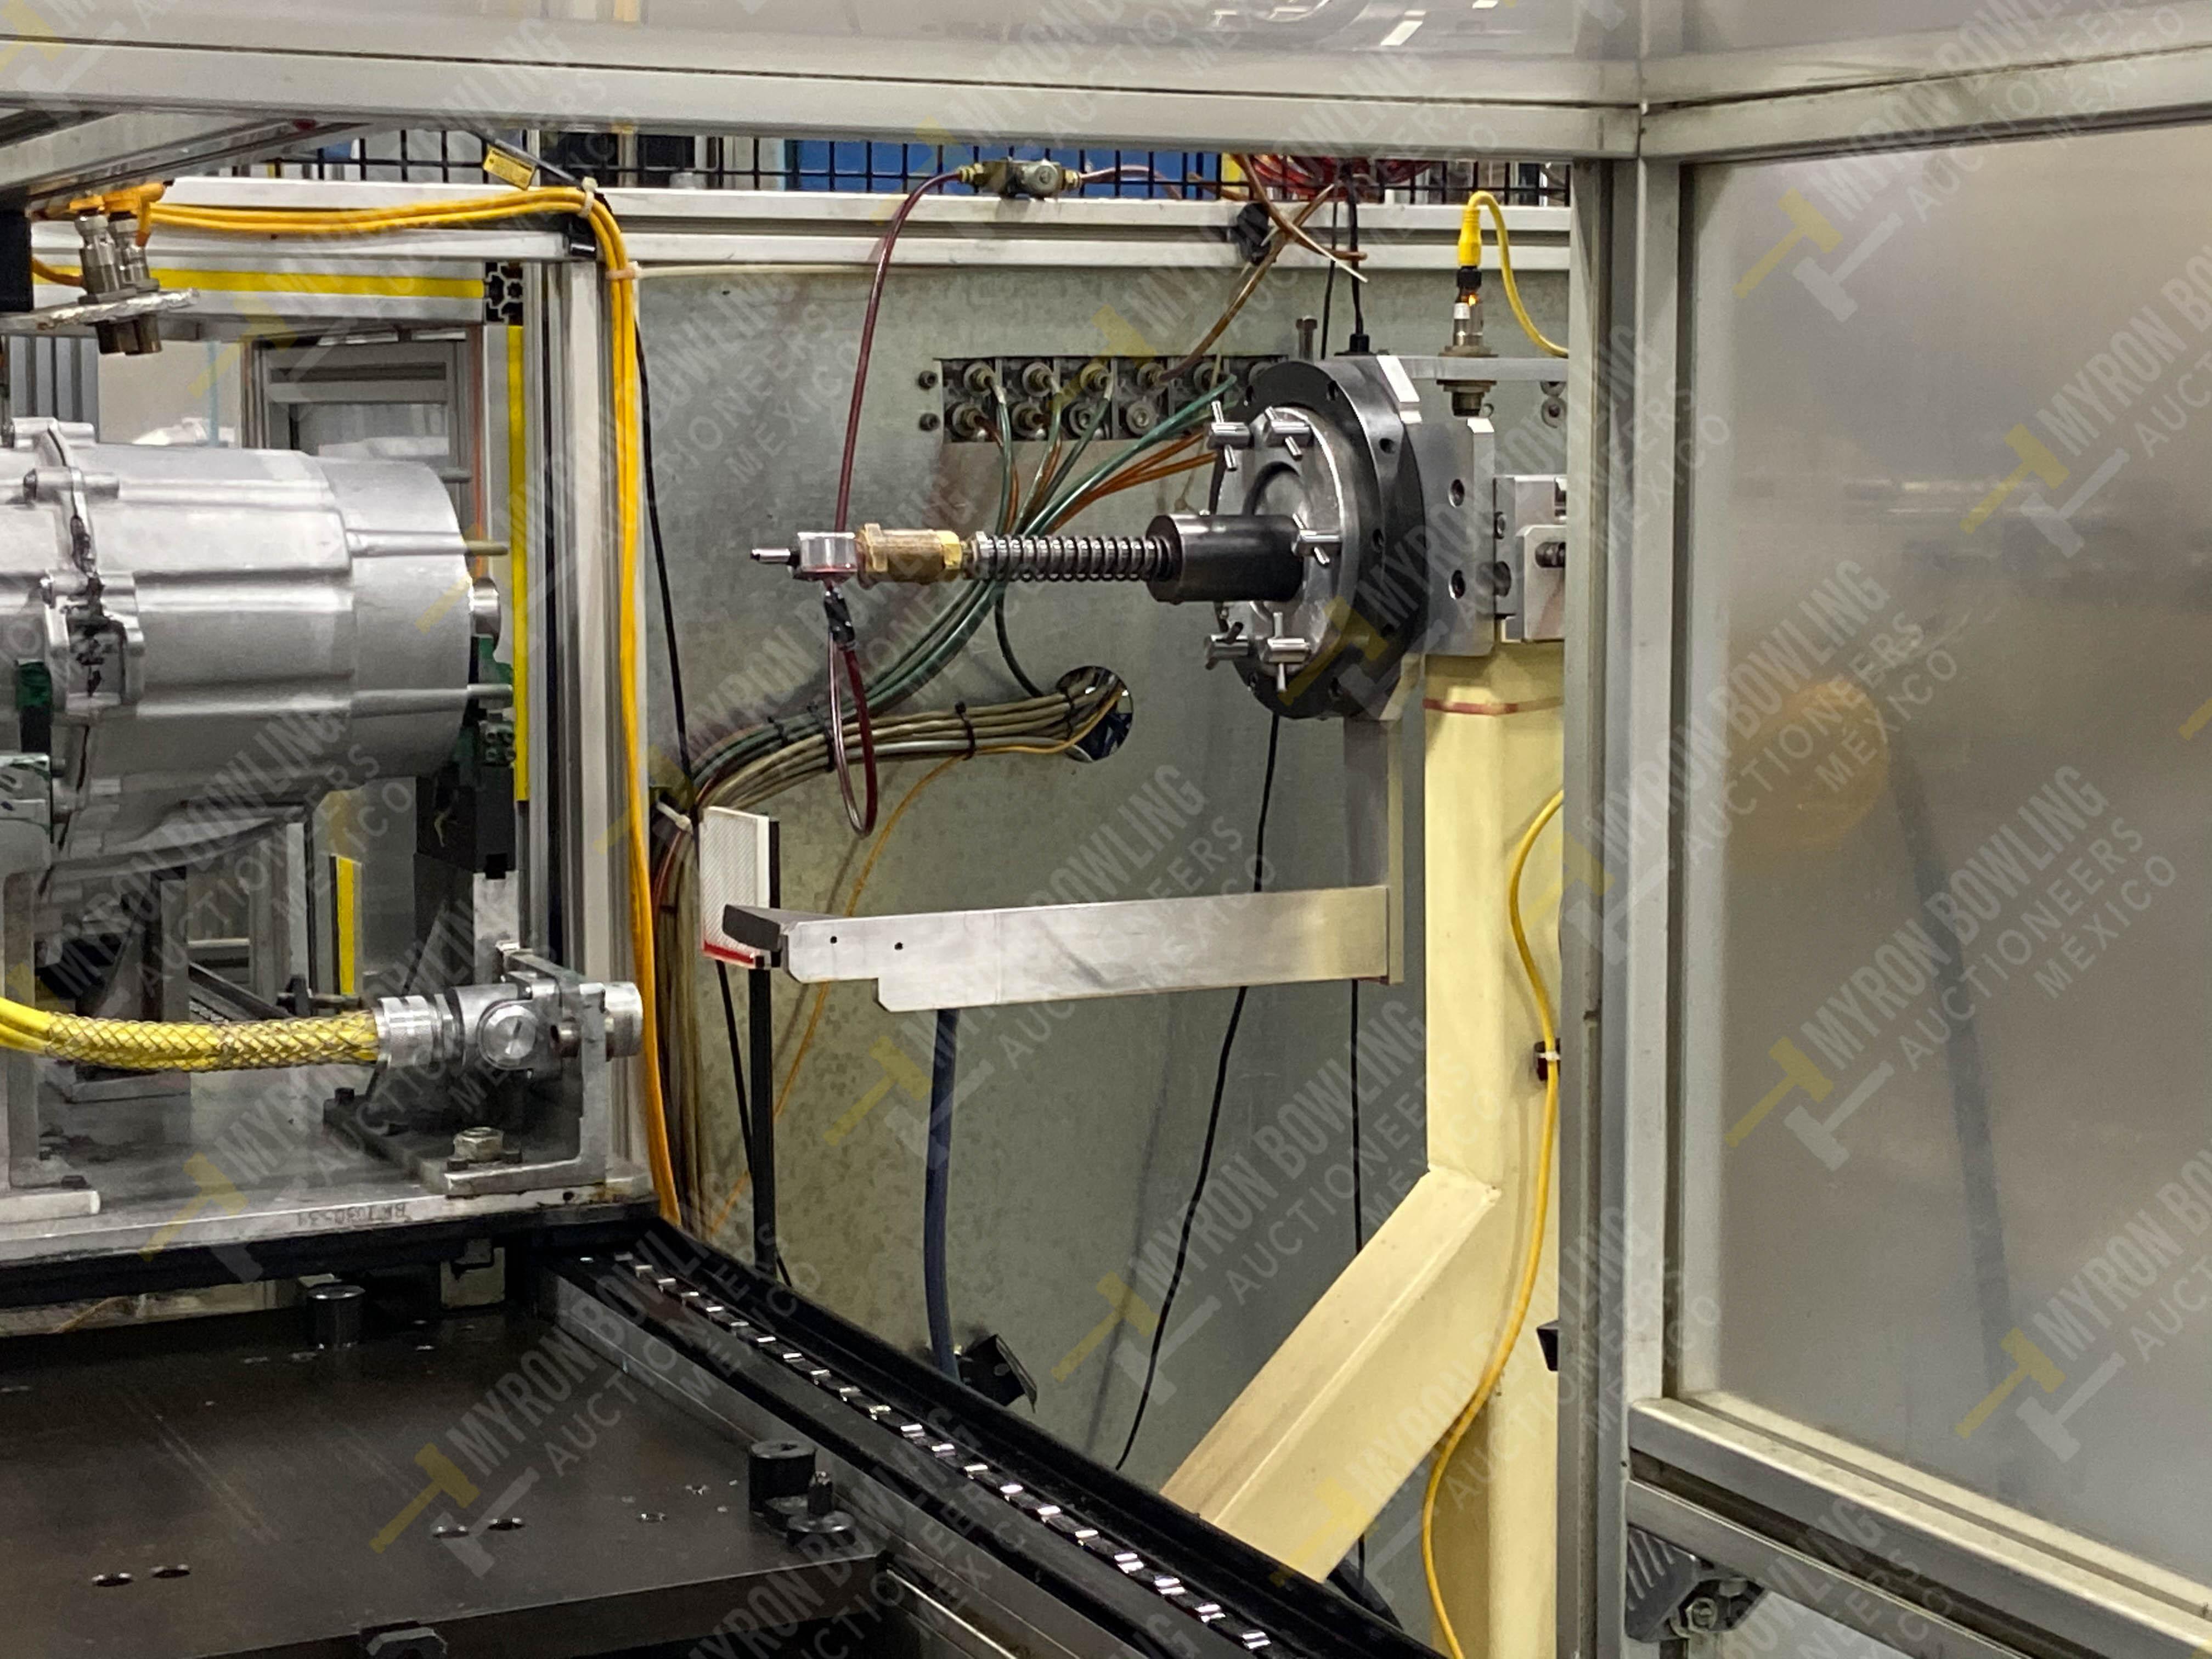 Estación semiautomática para operación 415, contiene: Máquina pesadora de piezas con 1 cilindro - Image 7 of 16